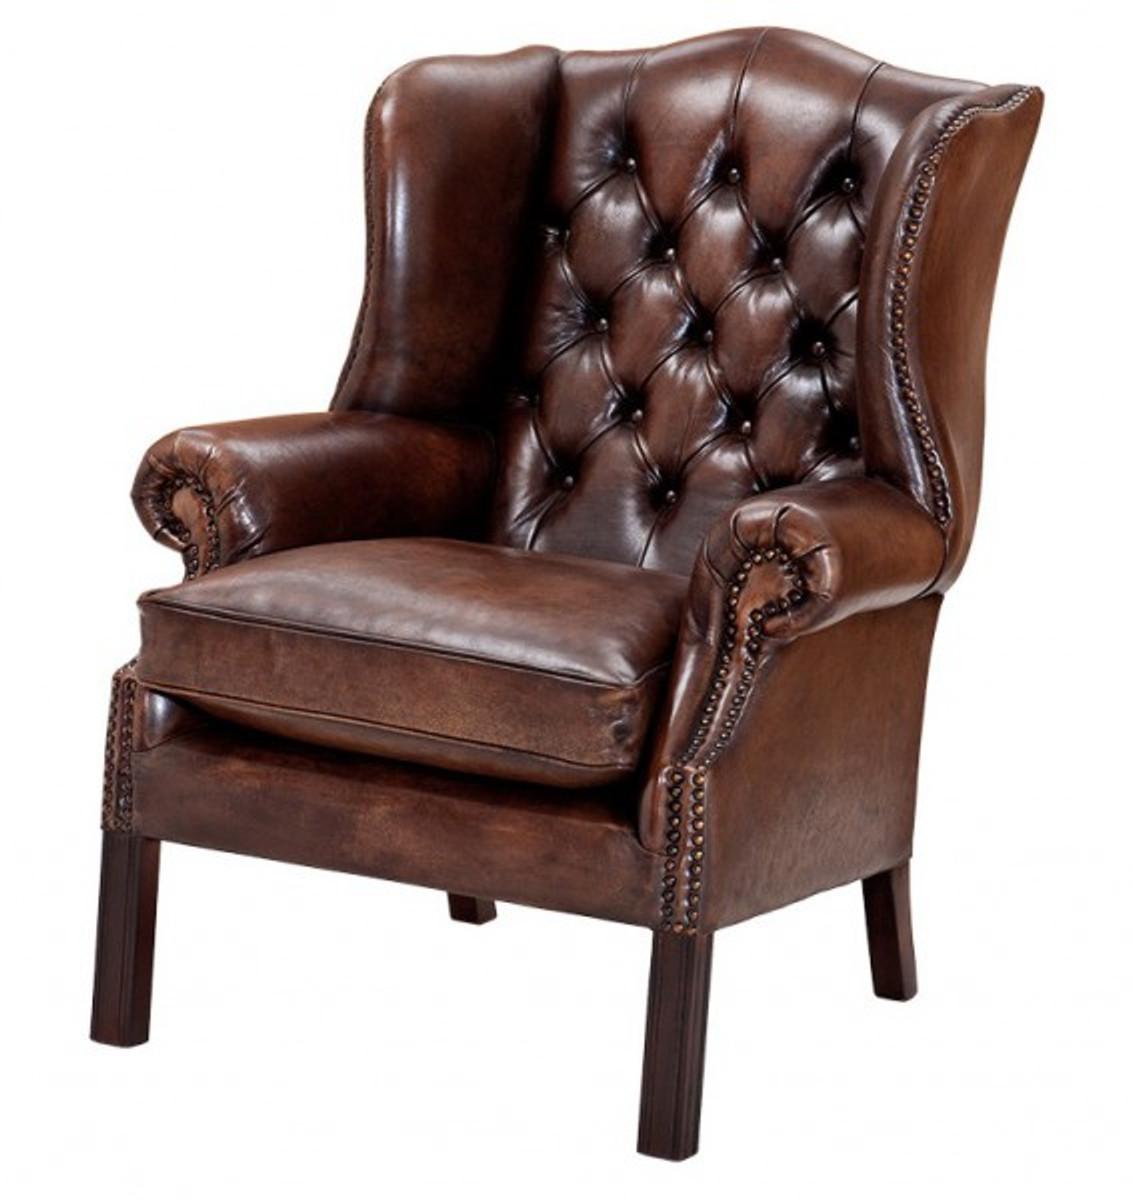 luxus echtleder ohrensessel chesterfield vintage. Black Bedroom Furniture Sets. Home Design Ideas